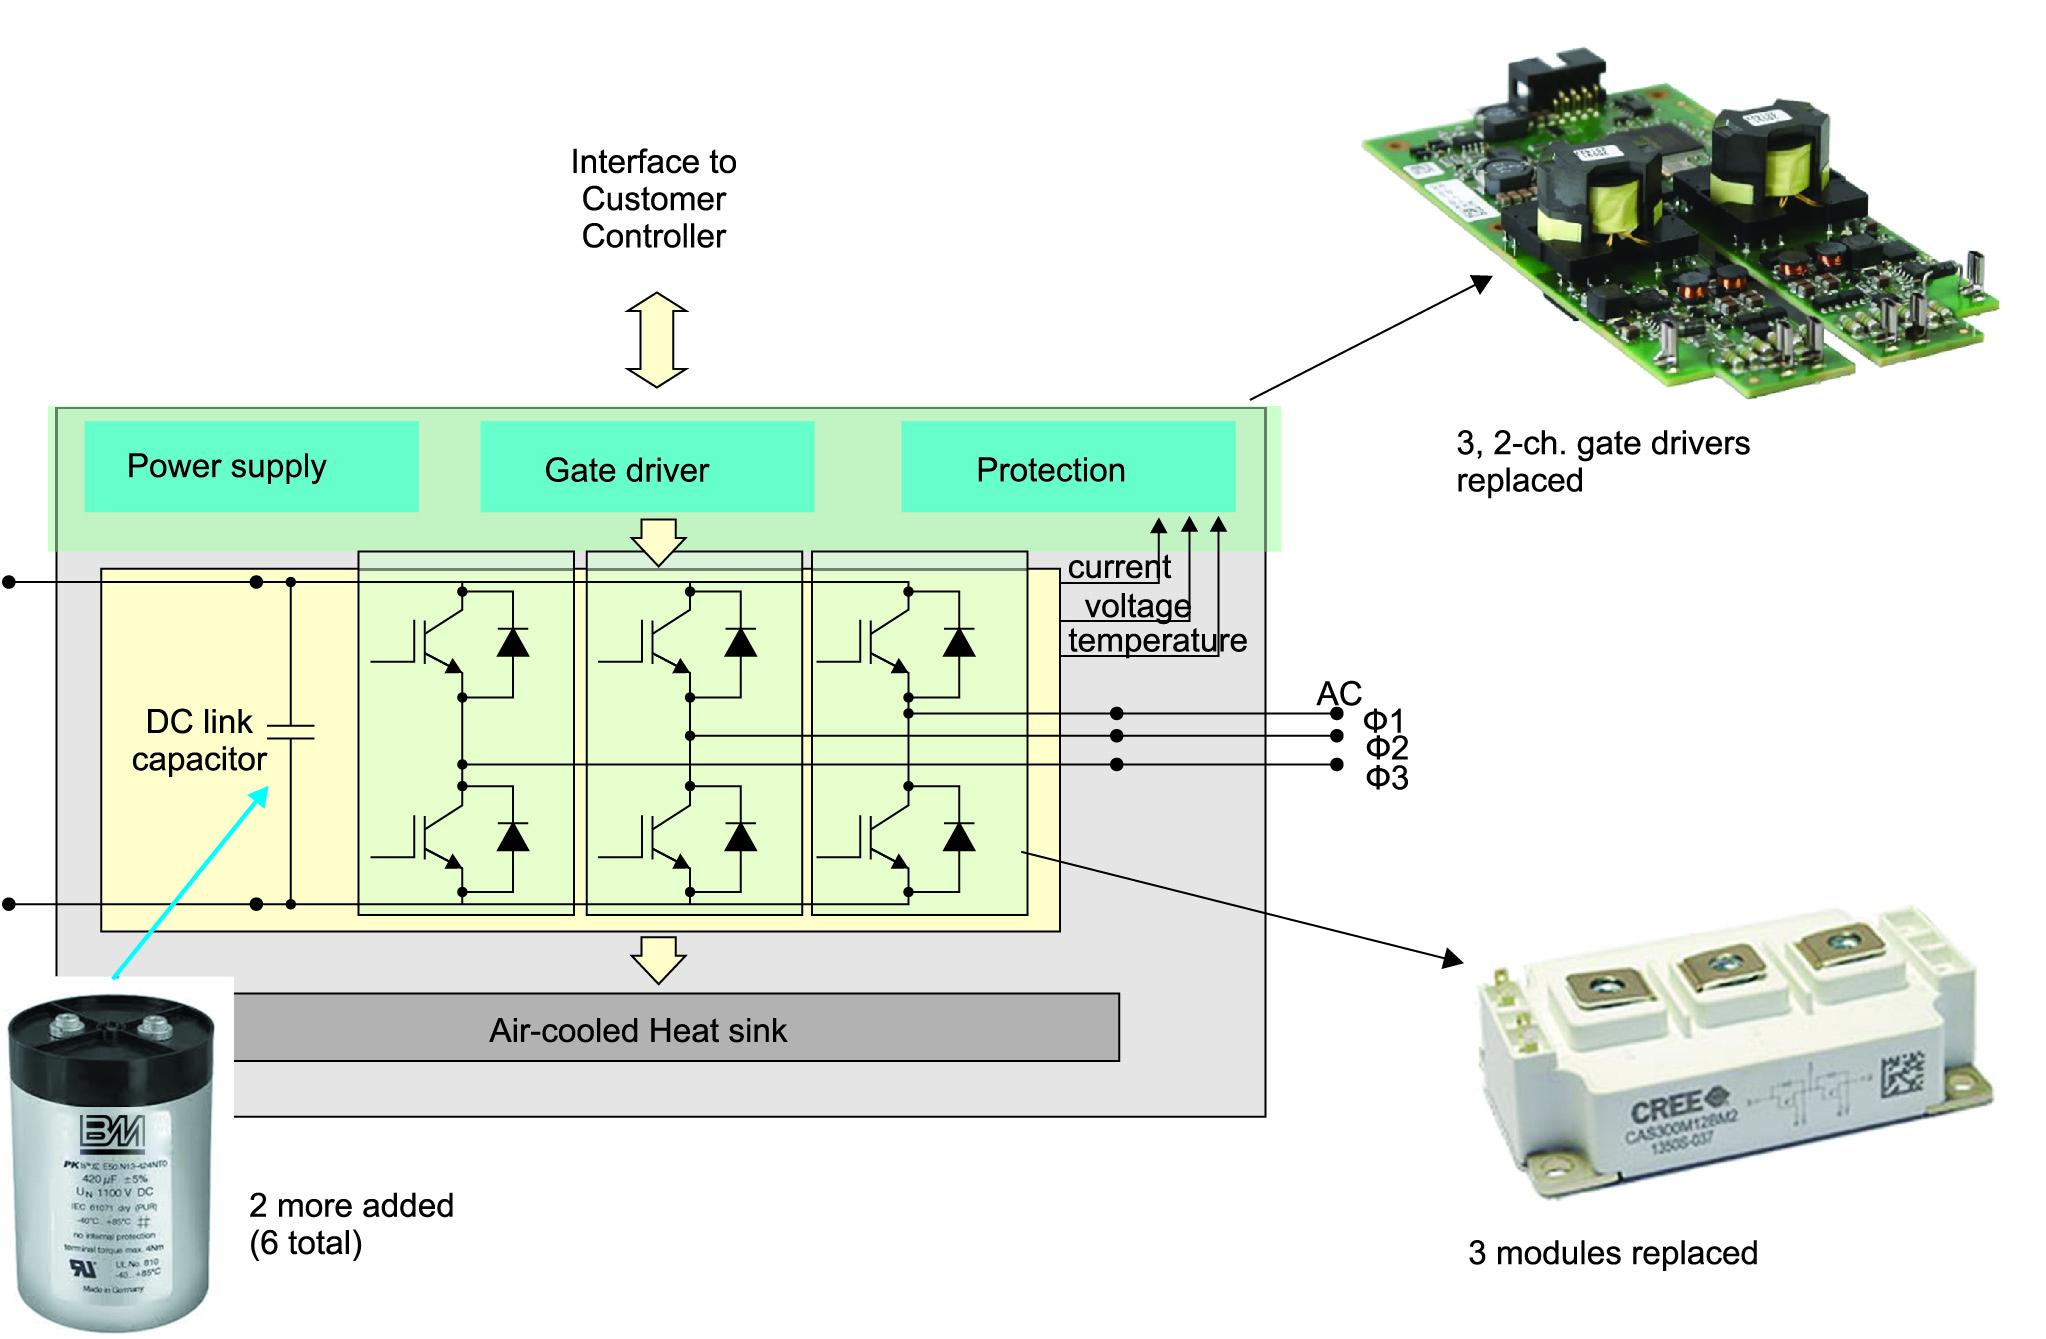 Блок-схема инвертора; компоненты, отмеченные синим цветом, заменены на SiC  или соответствующим образом модернизированы